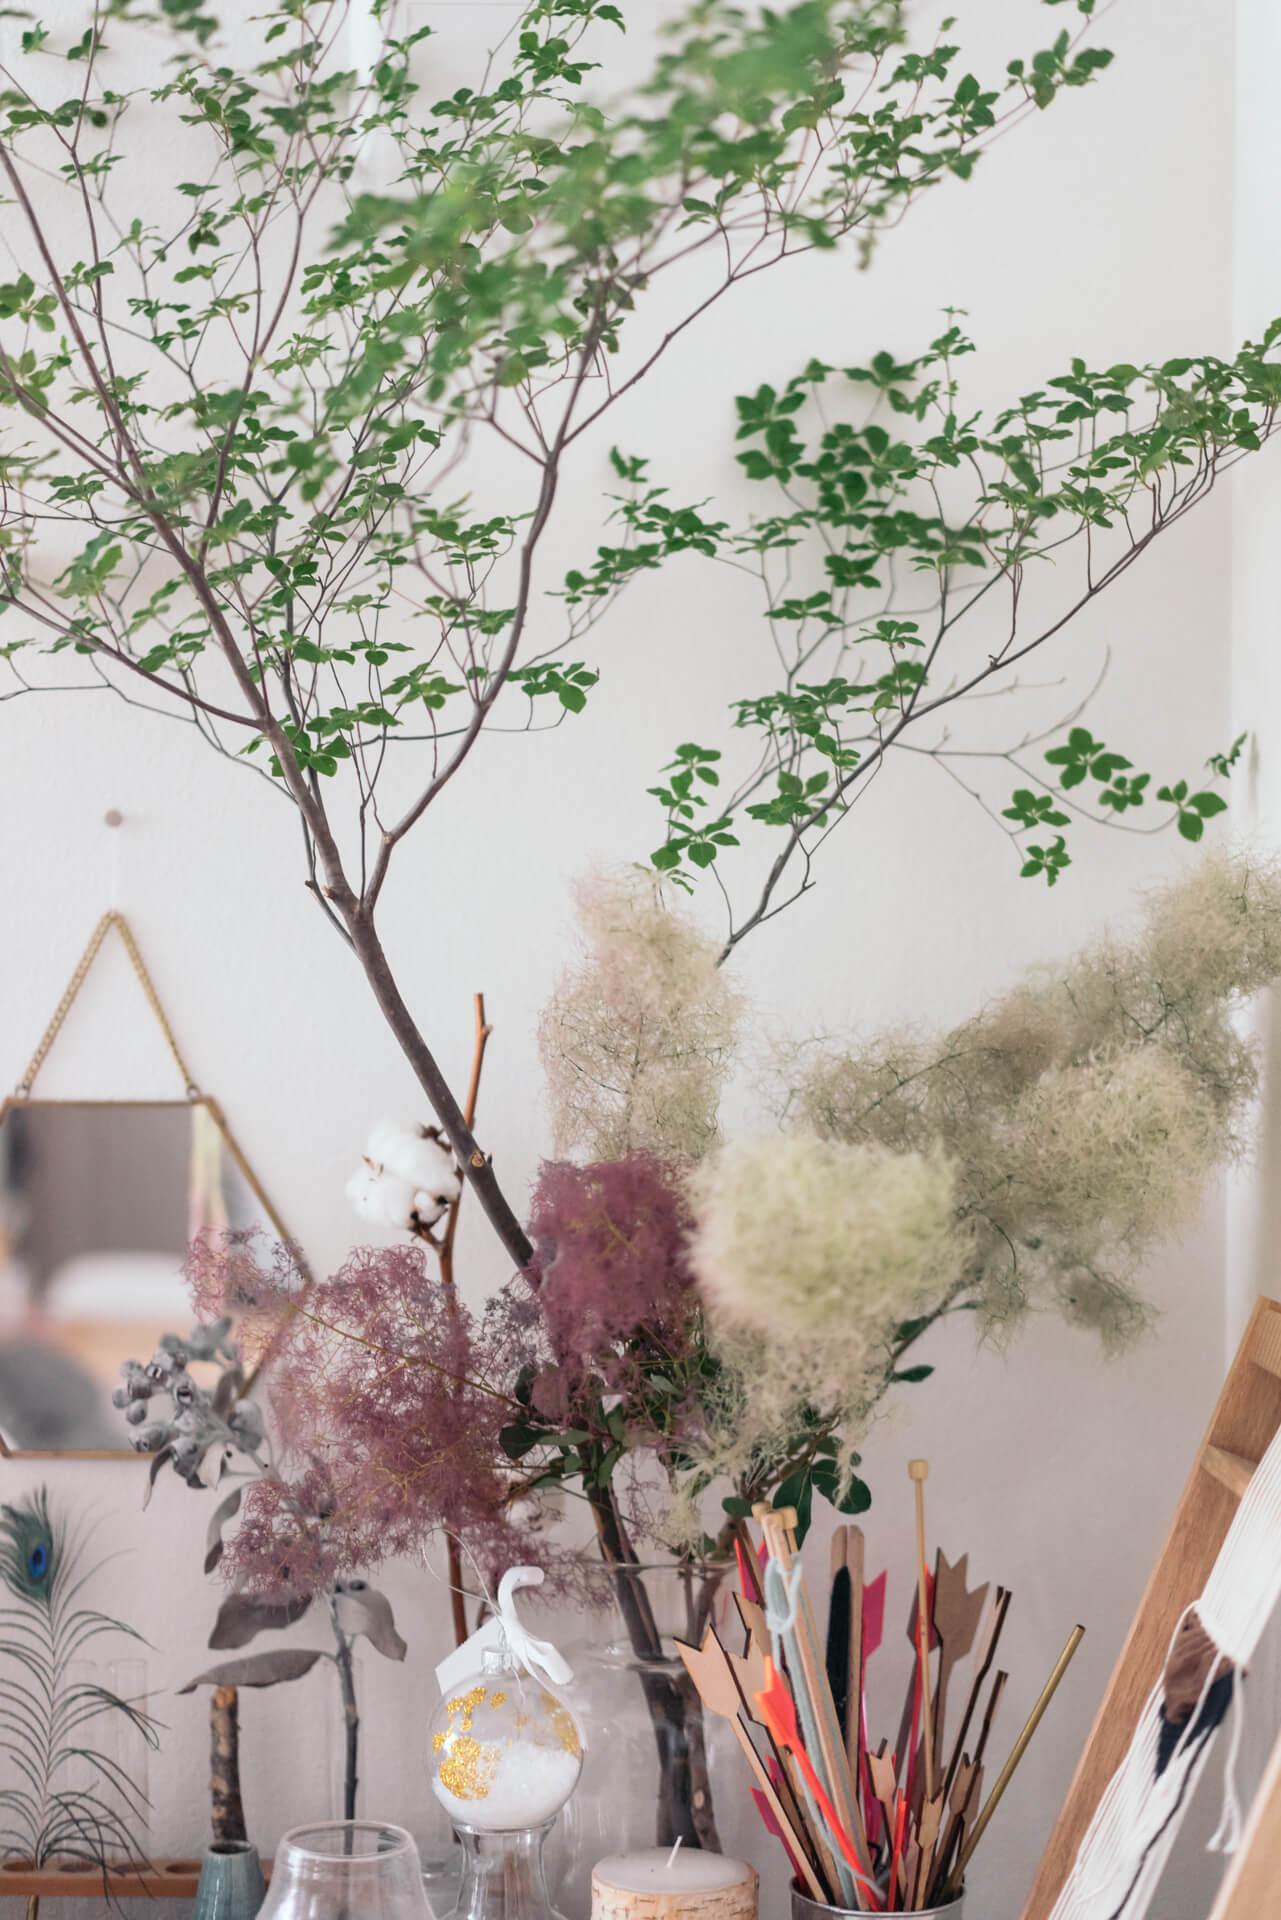 テーブルの上には、大きなドウダンツツジとスモークツリーの枝モノ。